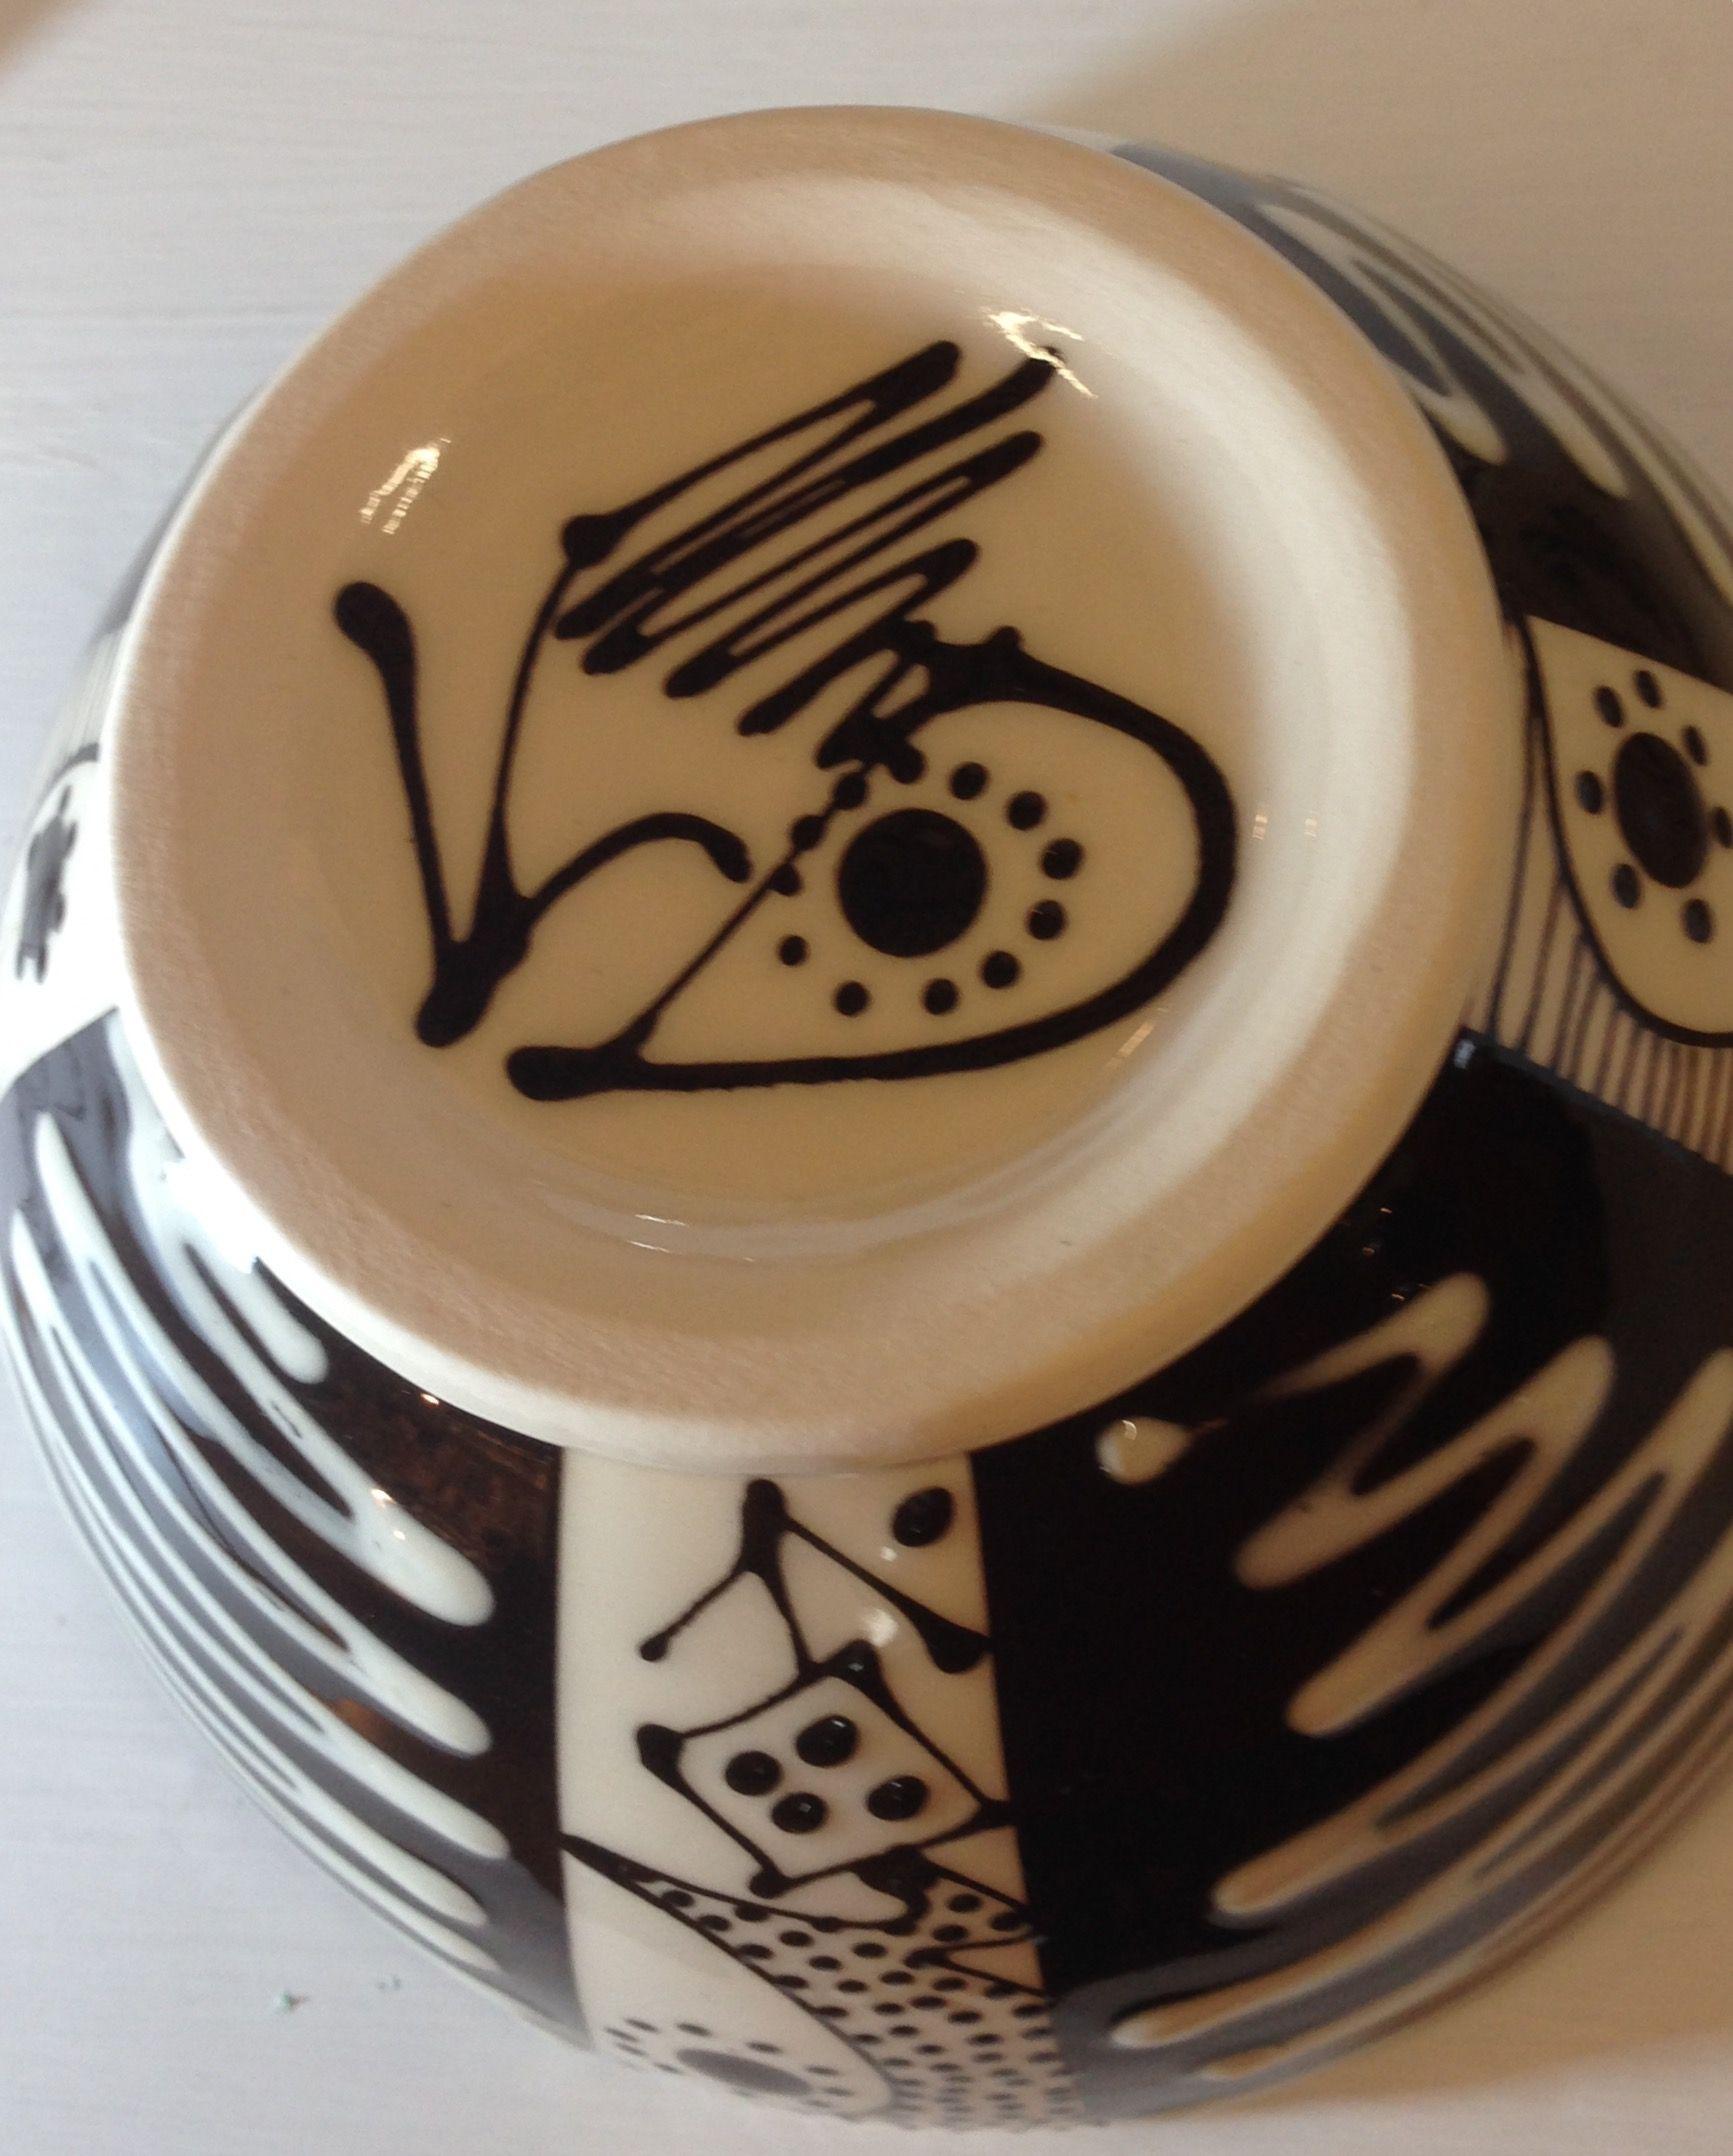 Mark Dally Flower Mark Md Mark D Mark Bird Mark Pottery Marks Ceramics Pottery